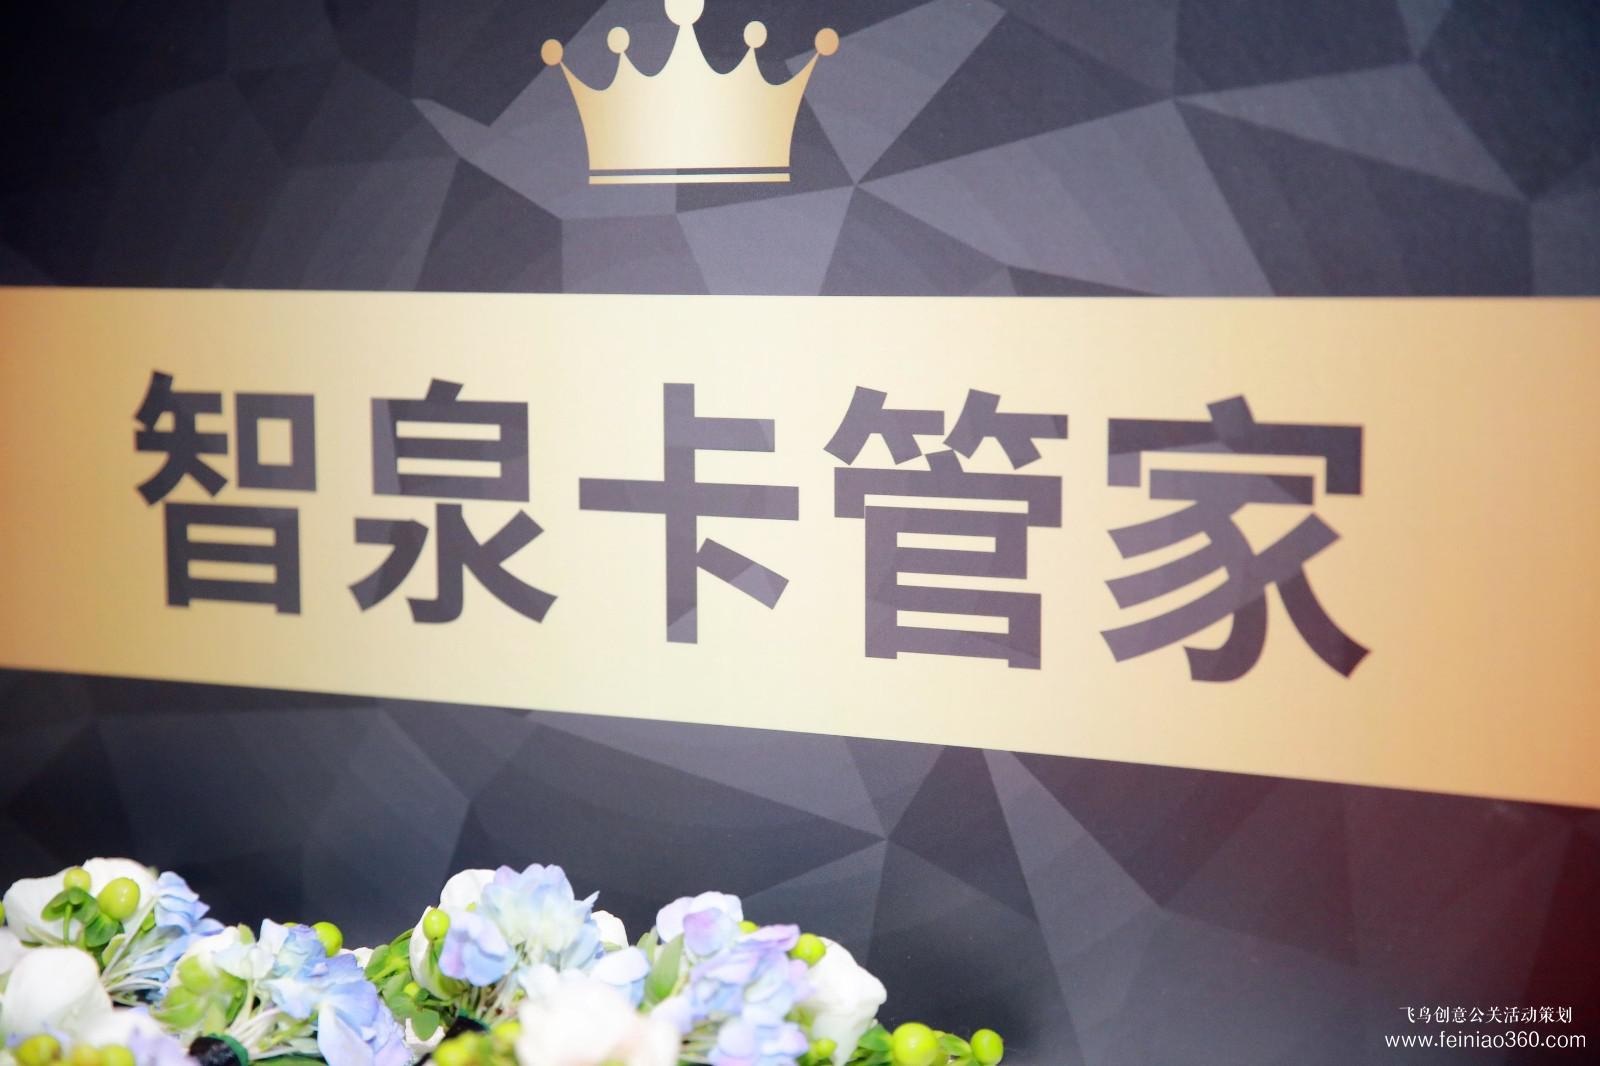 智泉卡管家新品发布会